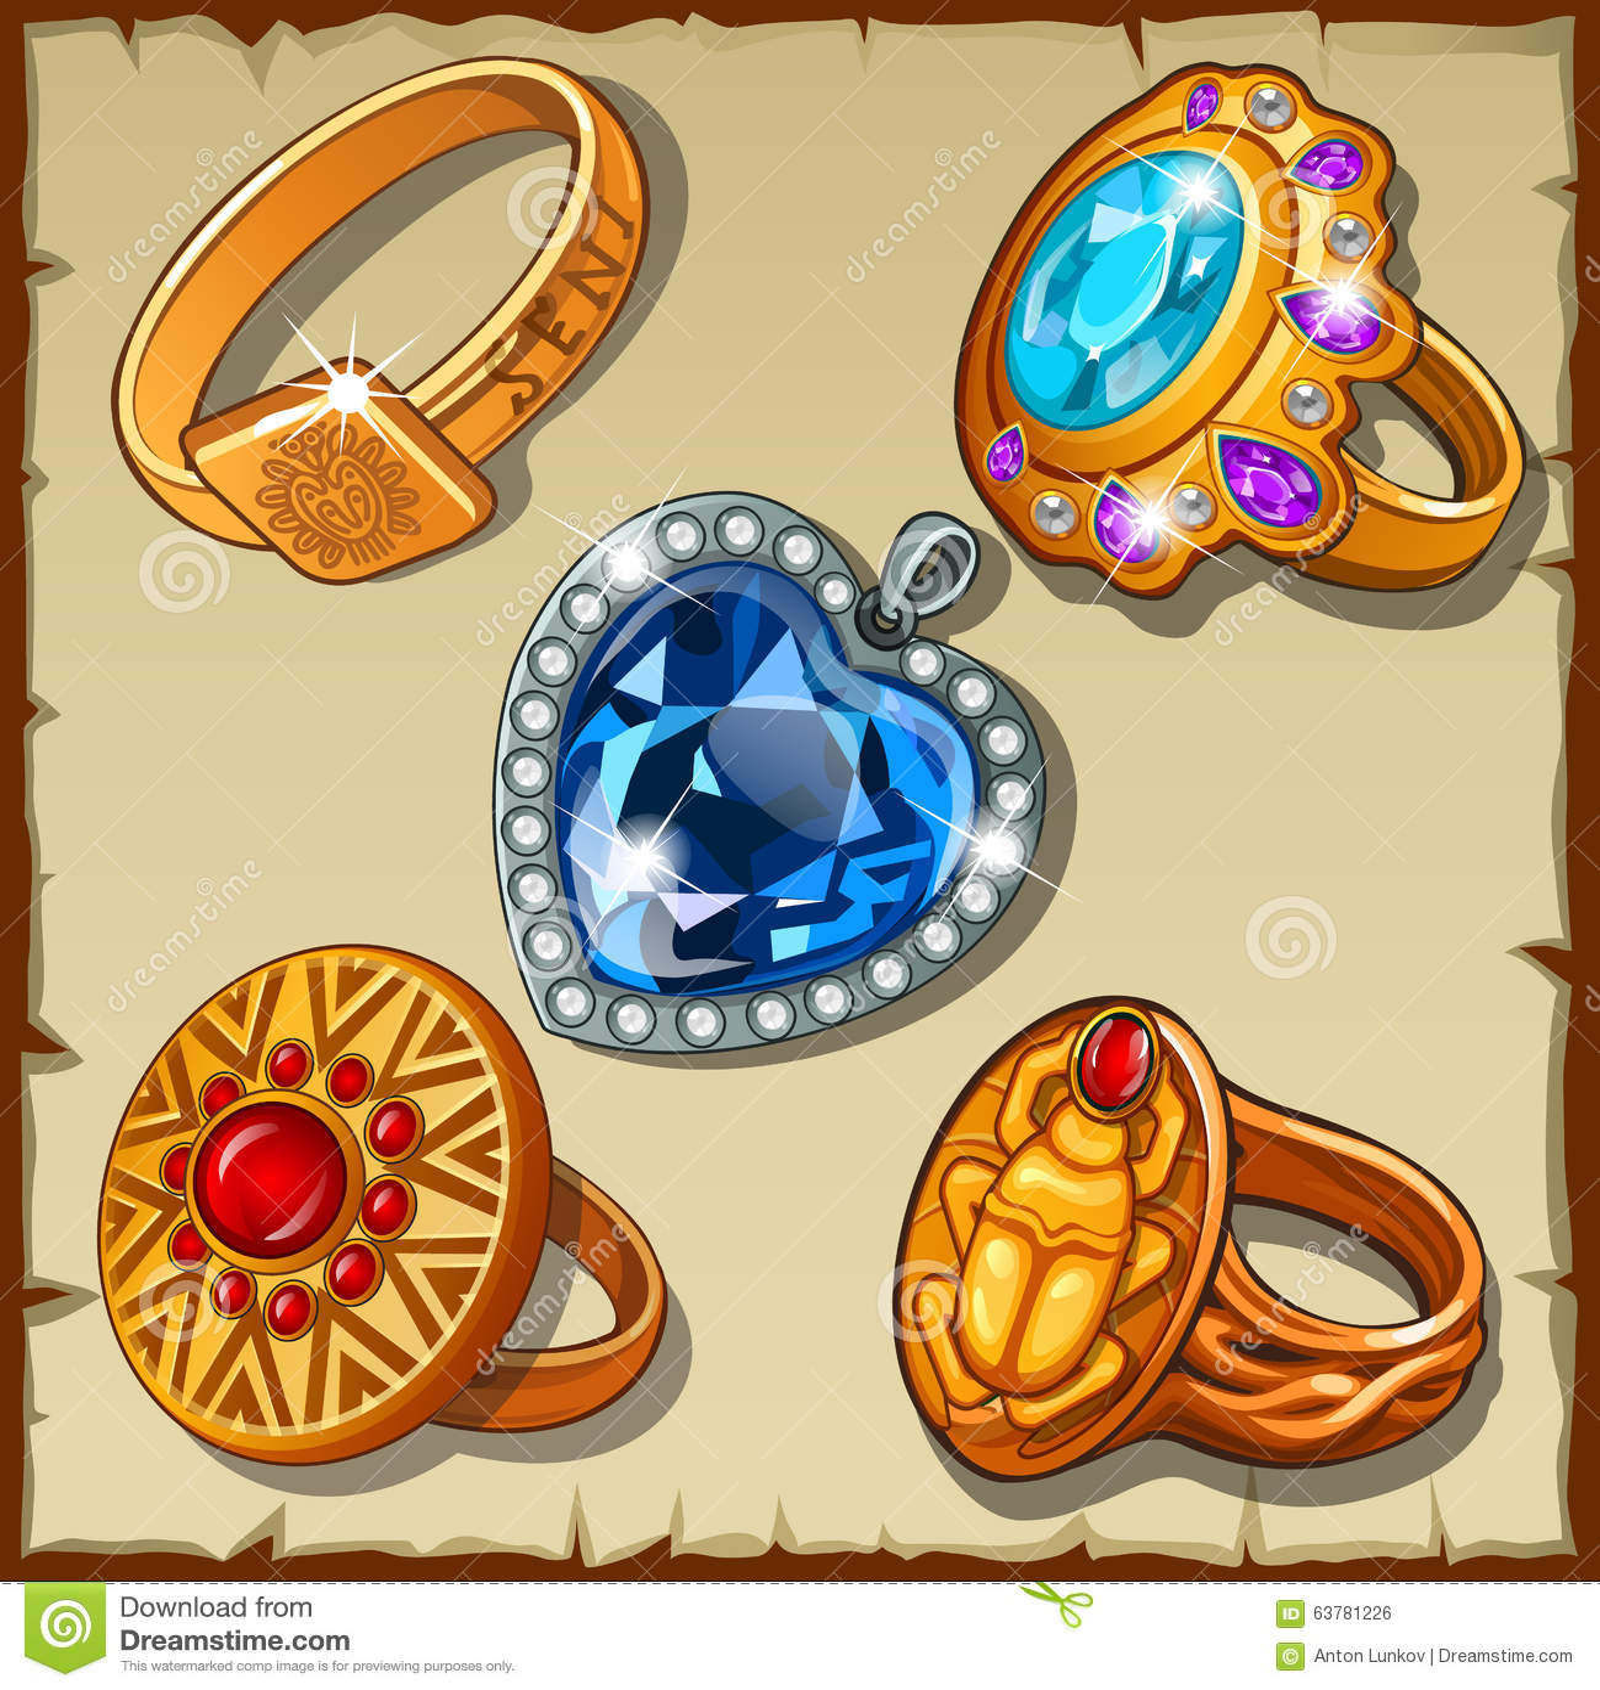 Klassieke En Antieke Ringen Met Symbolen Vector Illustratie   Afbeelding  63781226